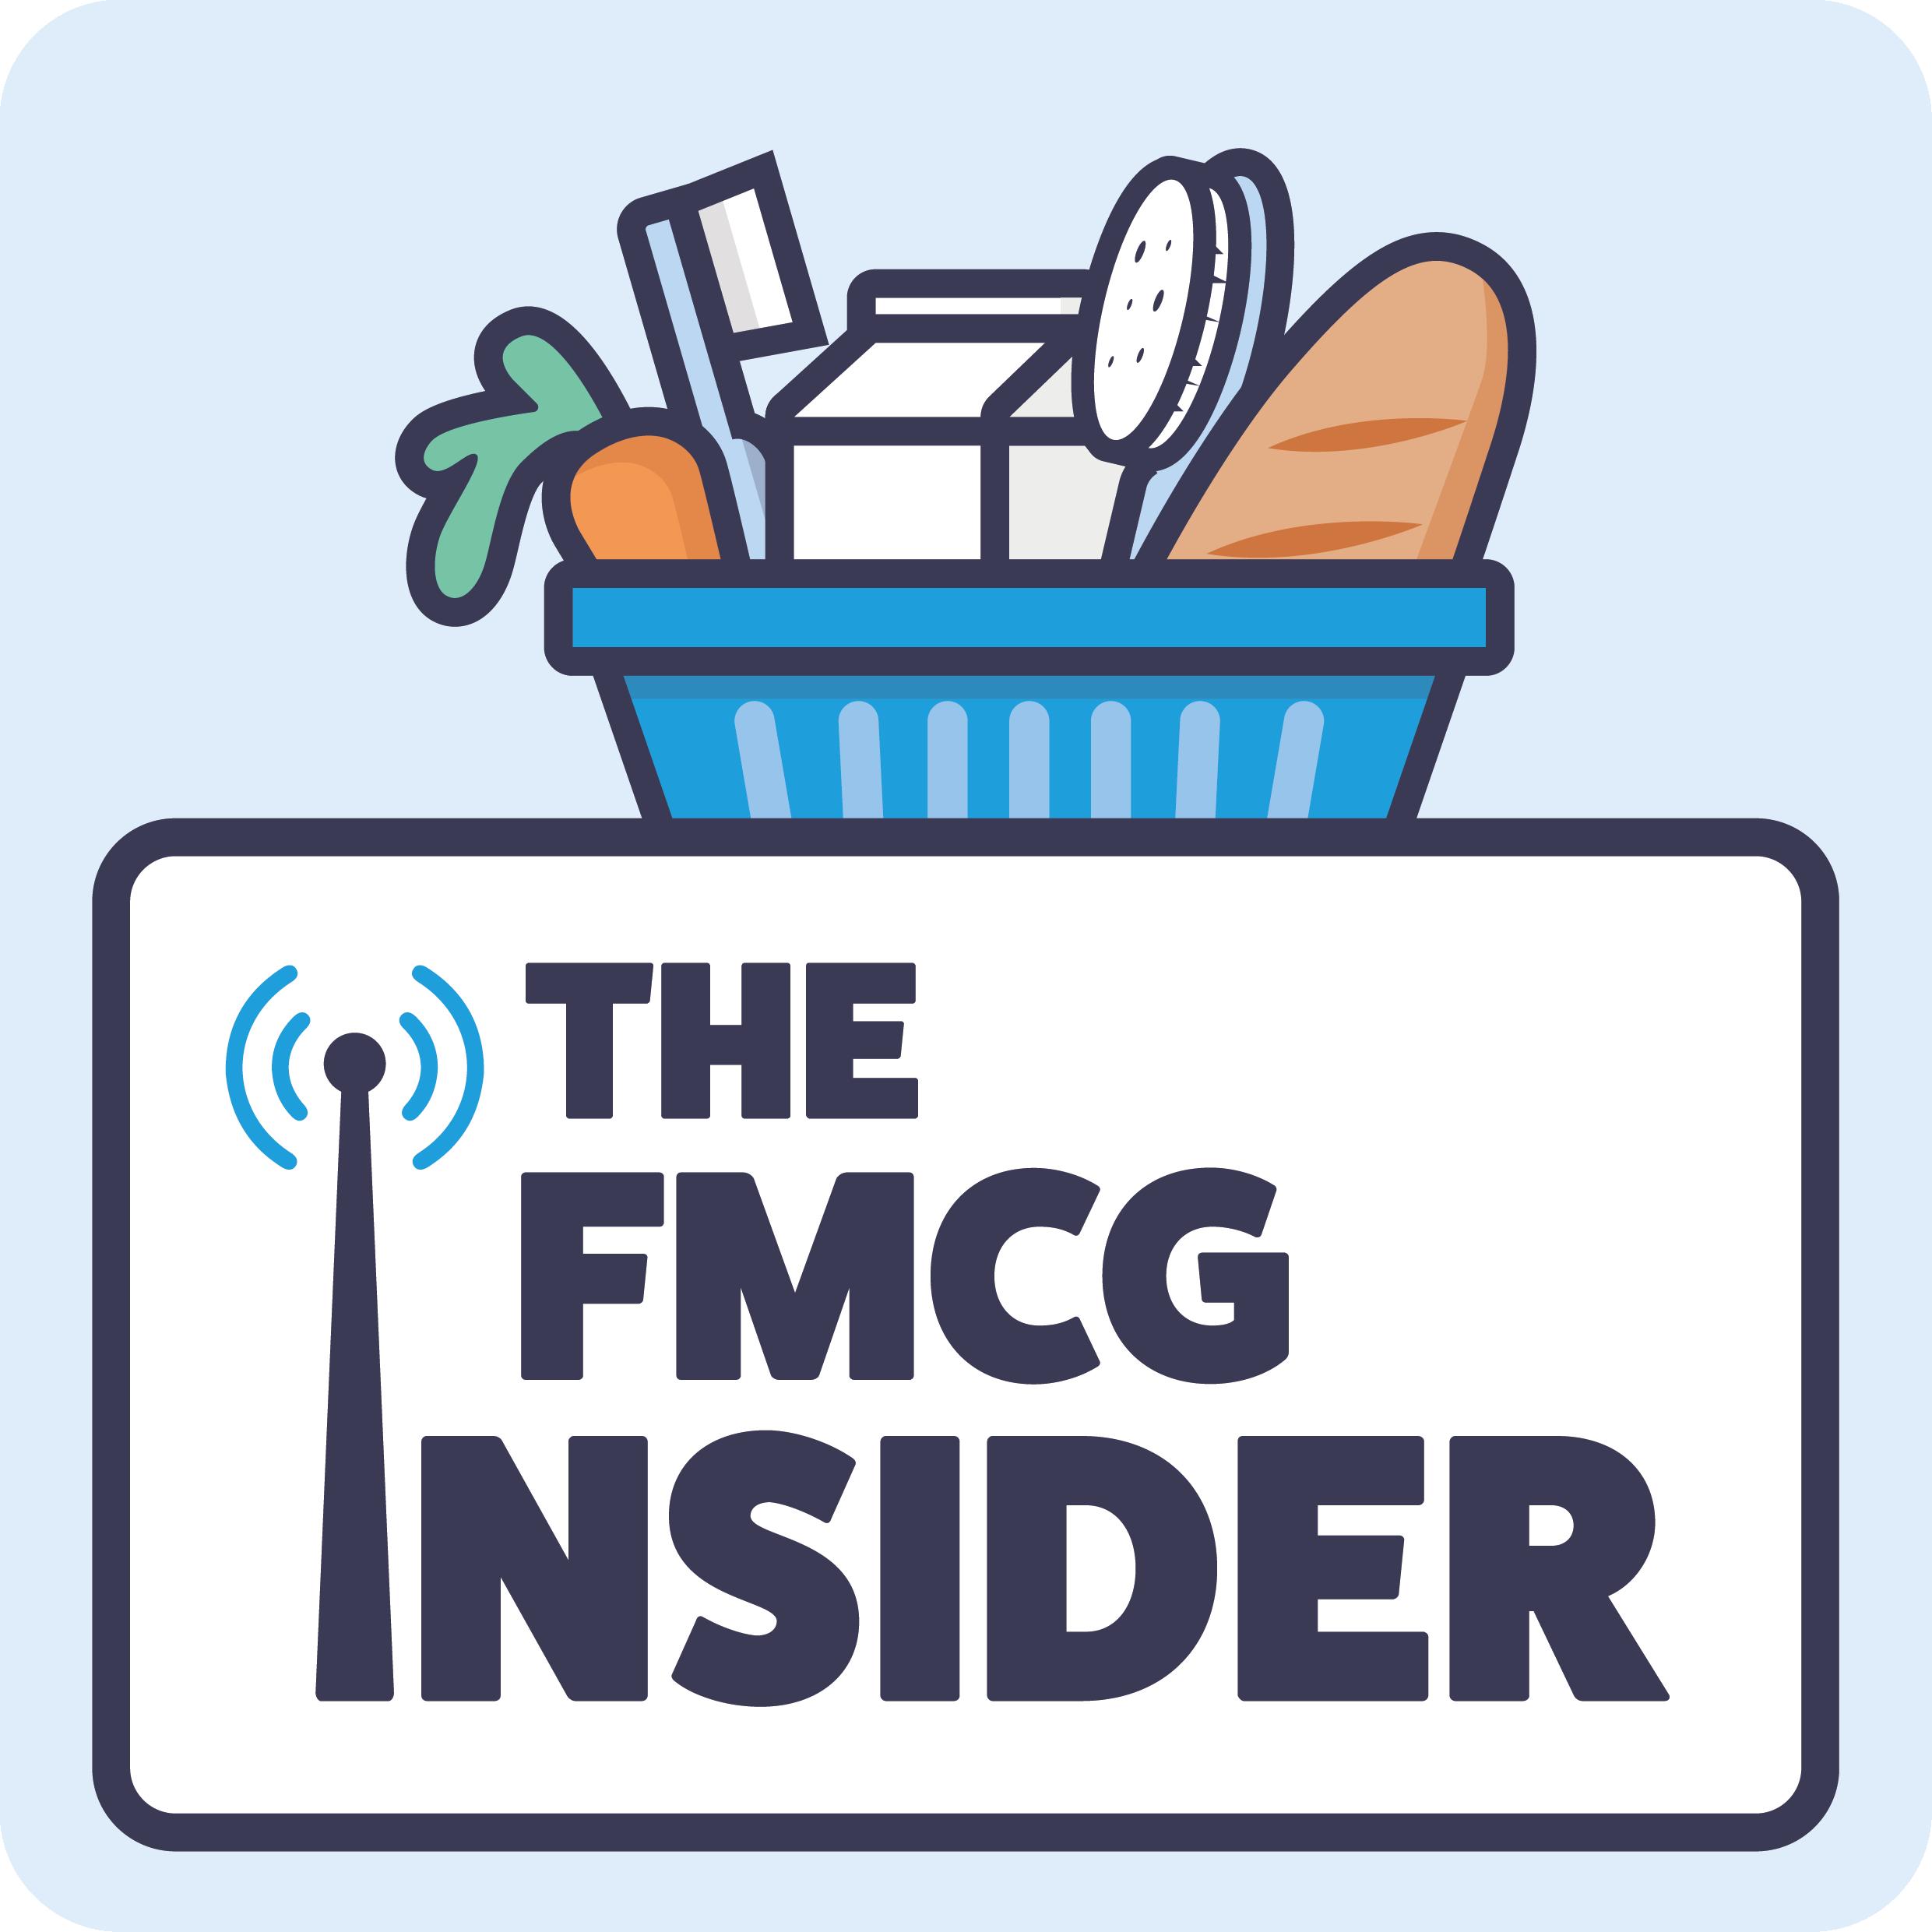 The FMCG Insider show art